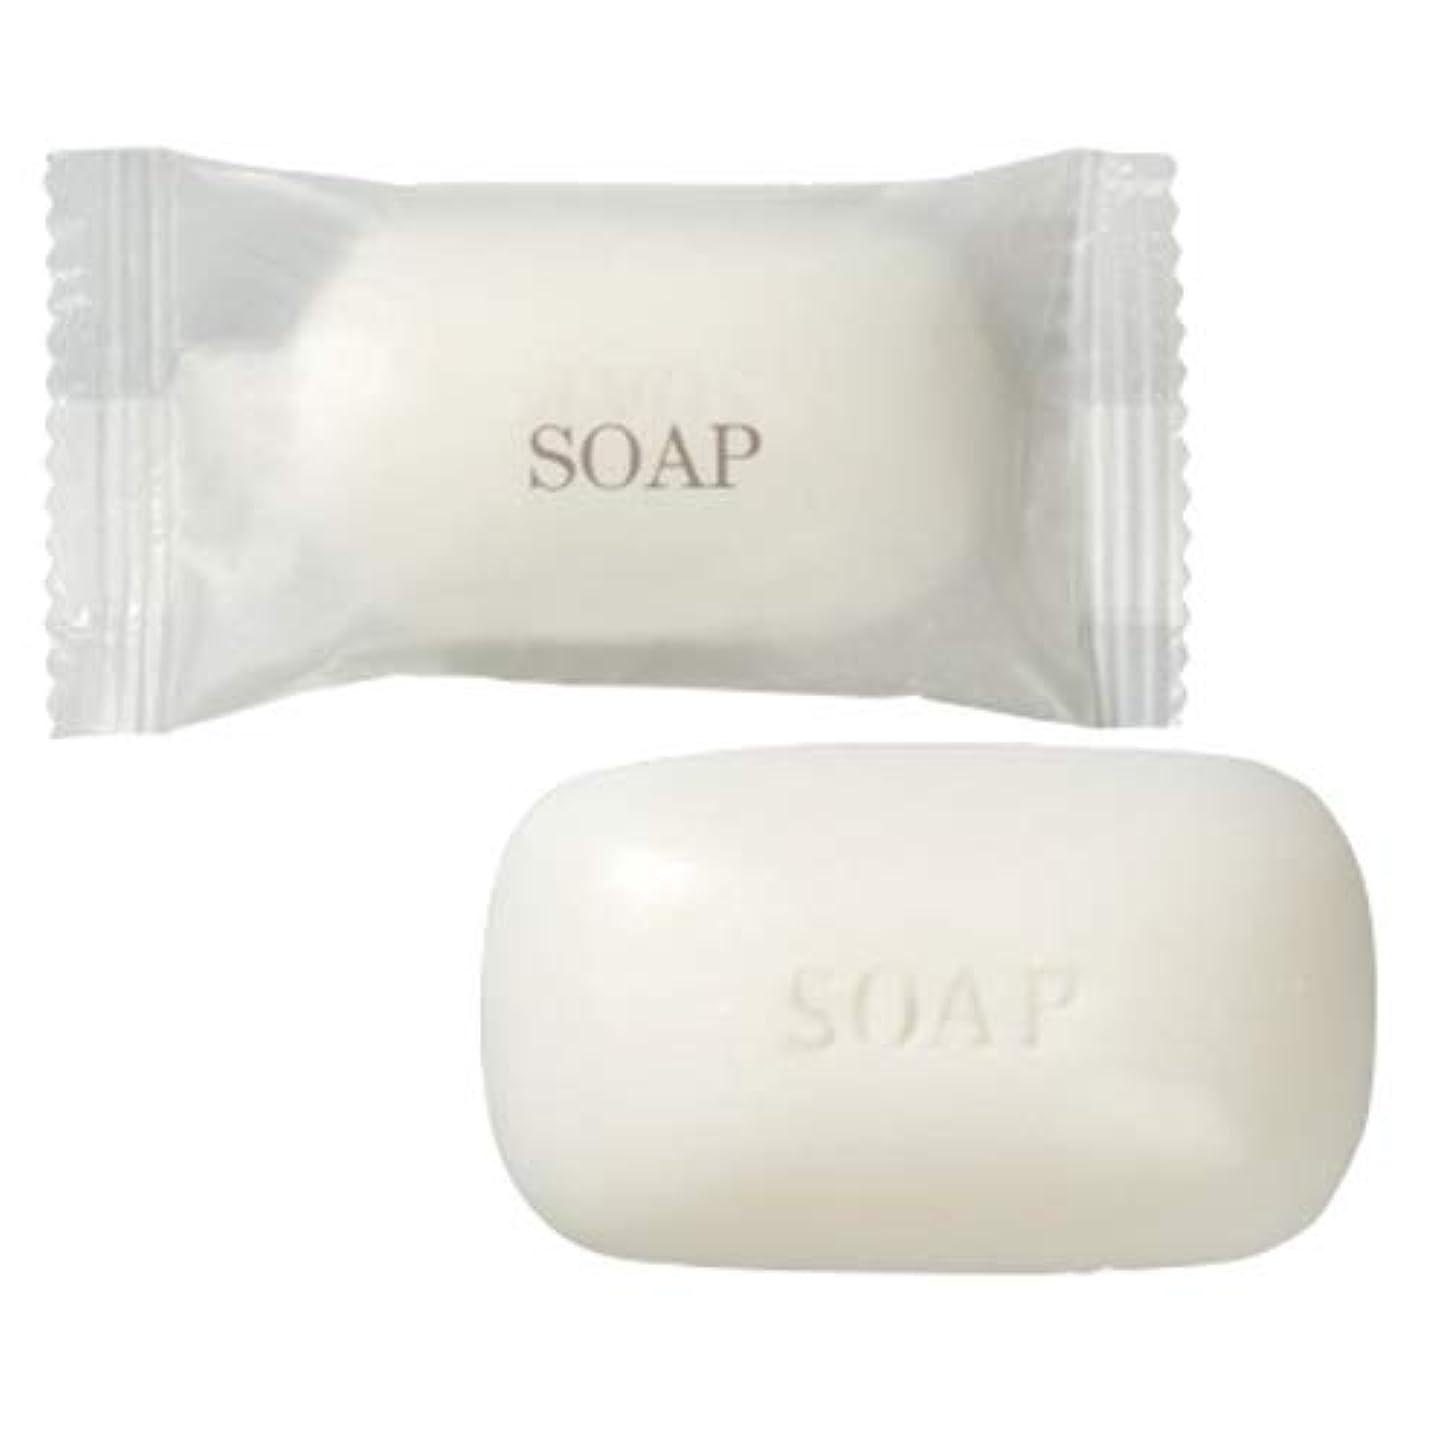 業務用 フィードソープ(FEED SOAP) マット袋(M袋) 15g ×100個 | ホテルアメニティ 個包装